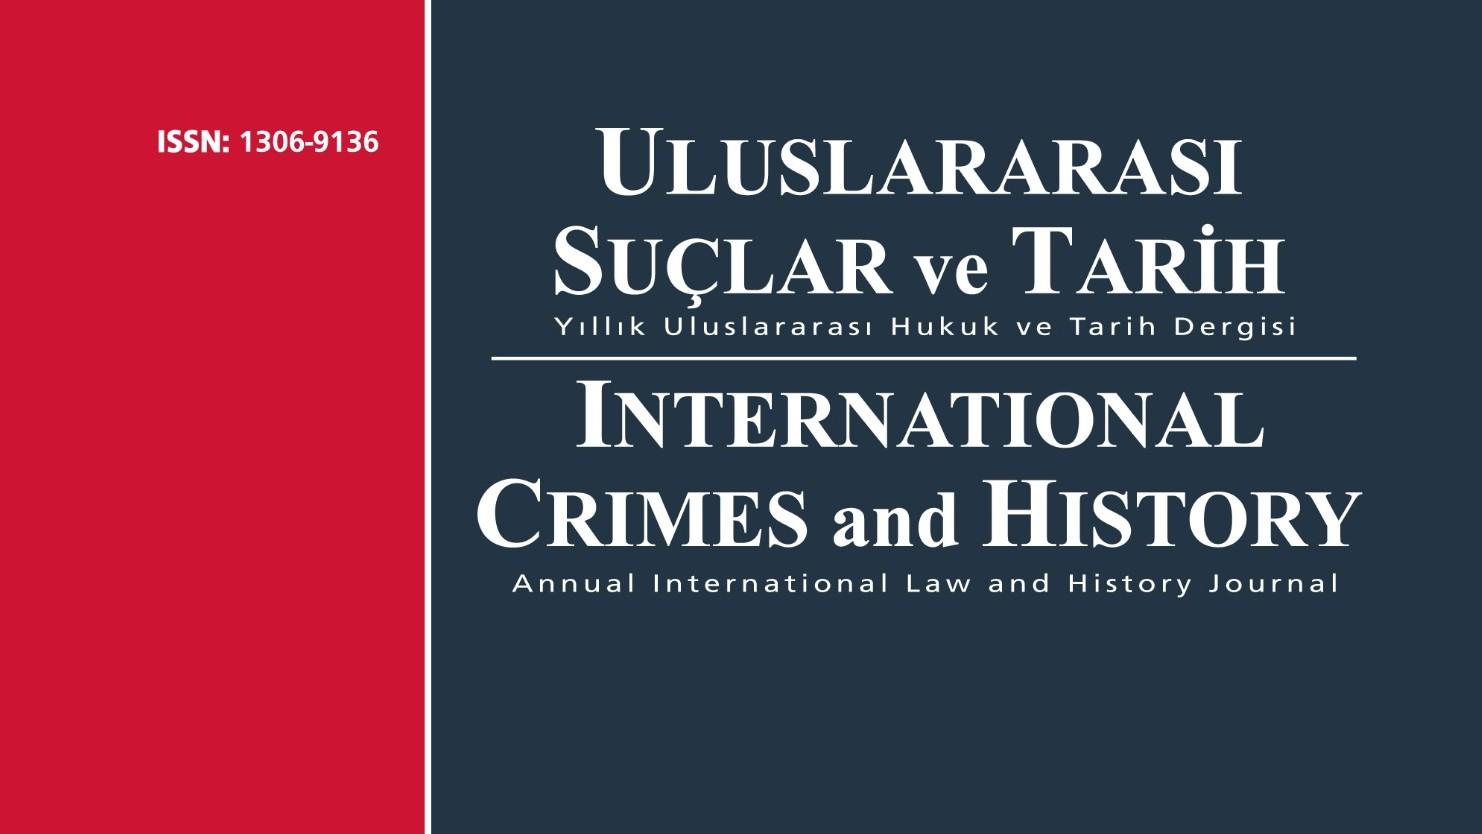 DUYURU: ULUSLARARASI SUÇLAR VE TARİH / INTERNATIONAL CRIMES AND HISTORY DERGİSİNİN 20. SAYISI YAYIMLANDI